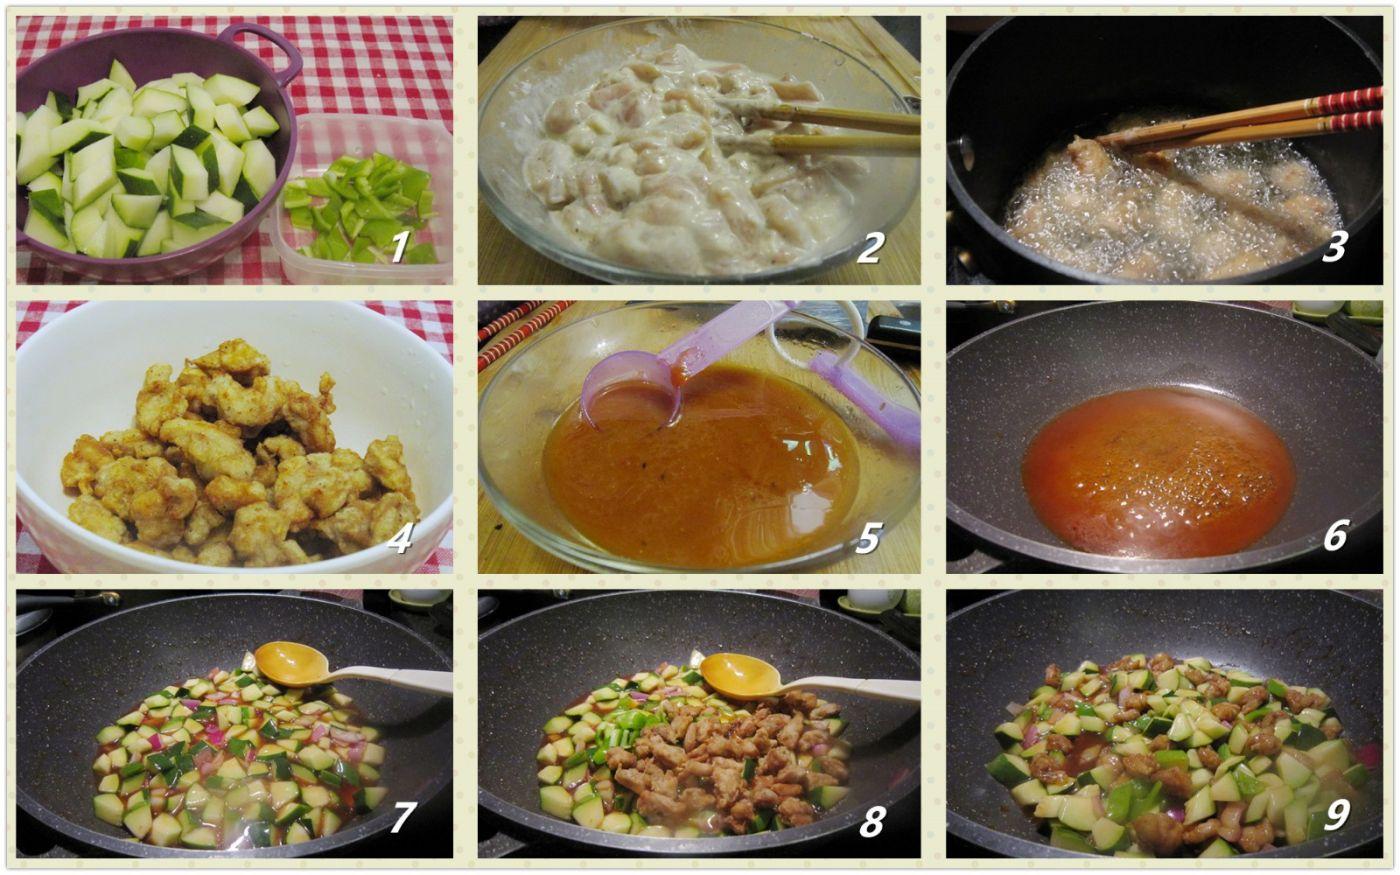 酸甜鸡丁西葫芦_图1-2